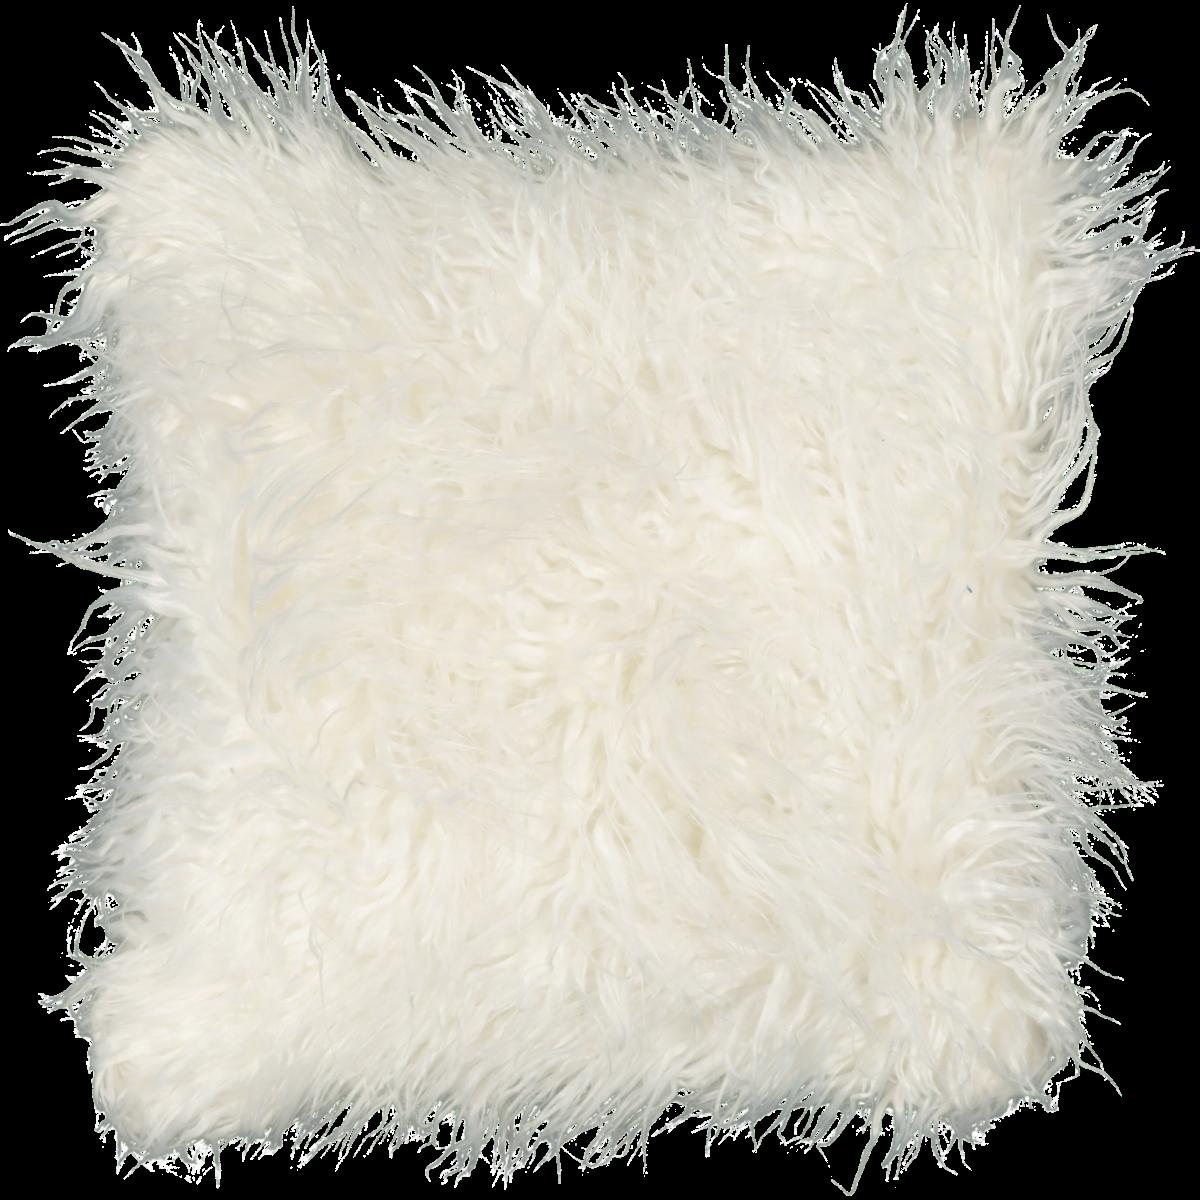 YETI FLUFFY SCATTER WHITE